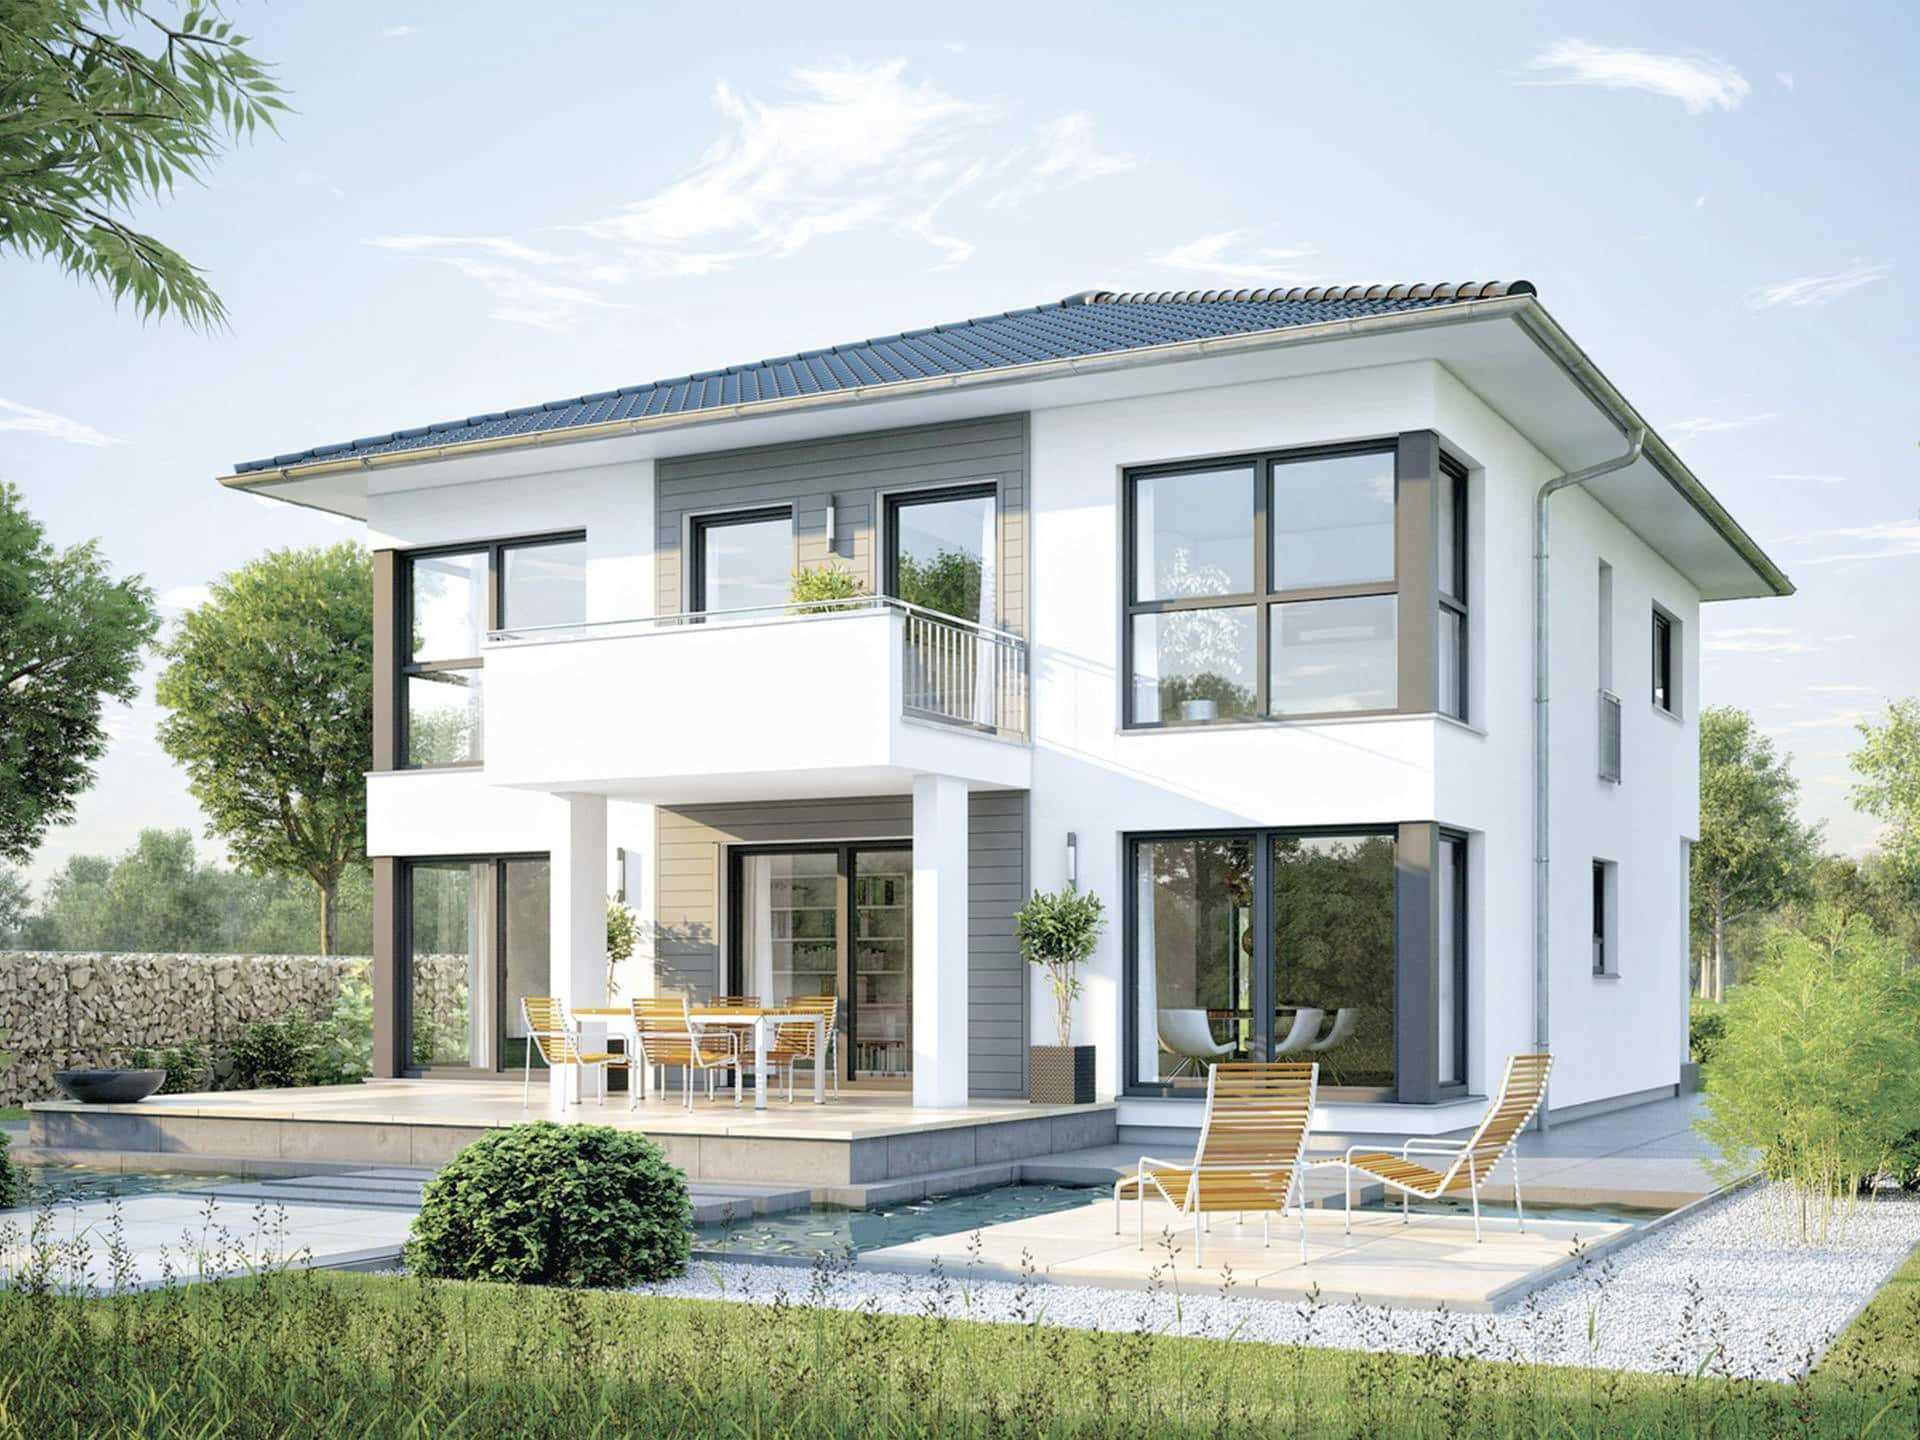 Einfamilienhaus Bauen Hausbeispiele Anbieter Preise